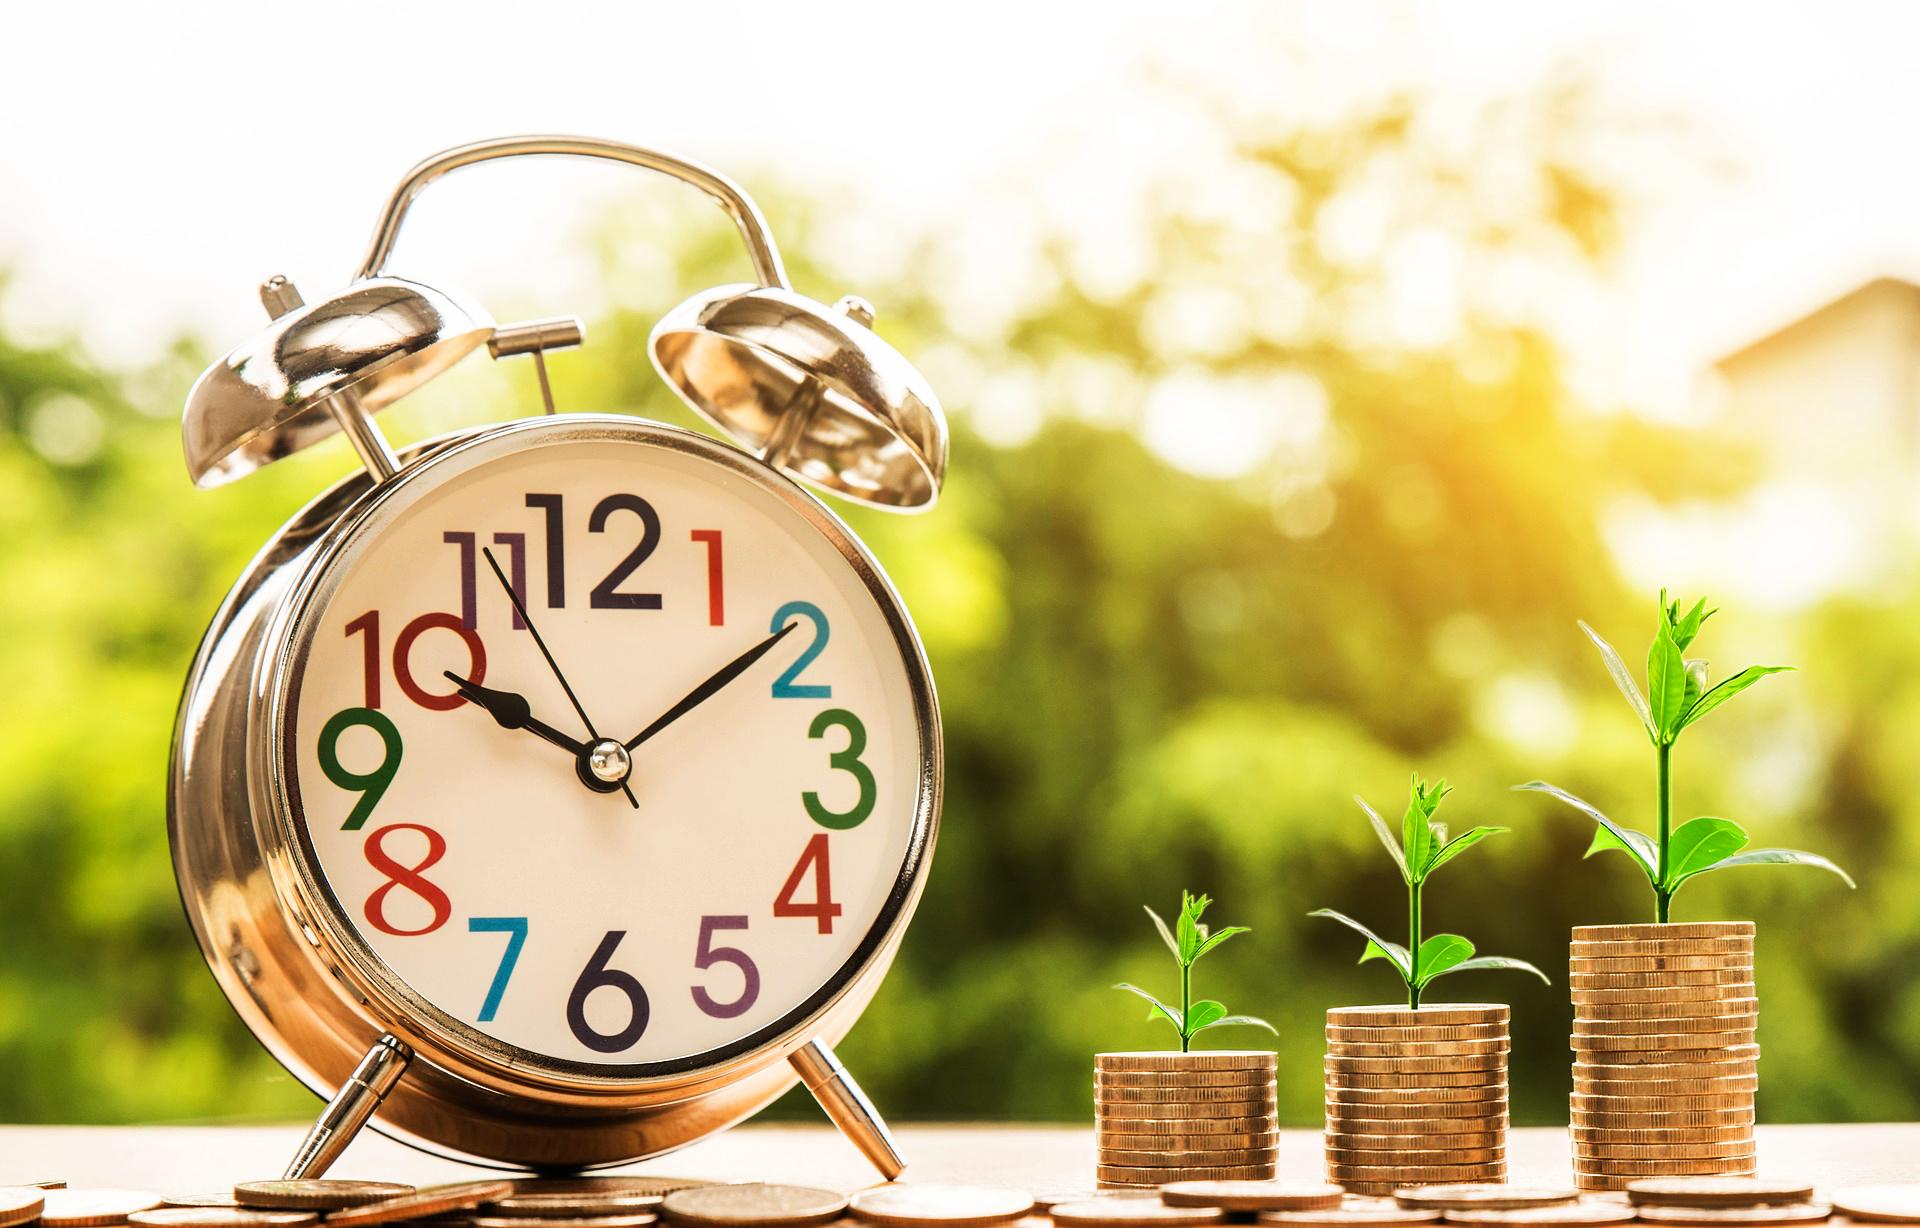 Käytä Business Finlandin myöntämä koronatuki ajoissa ja viisaasti